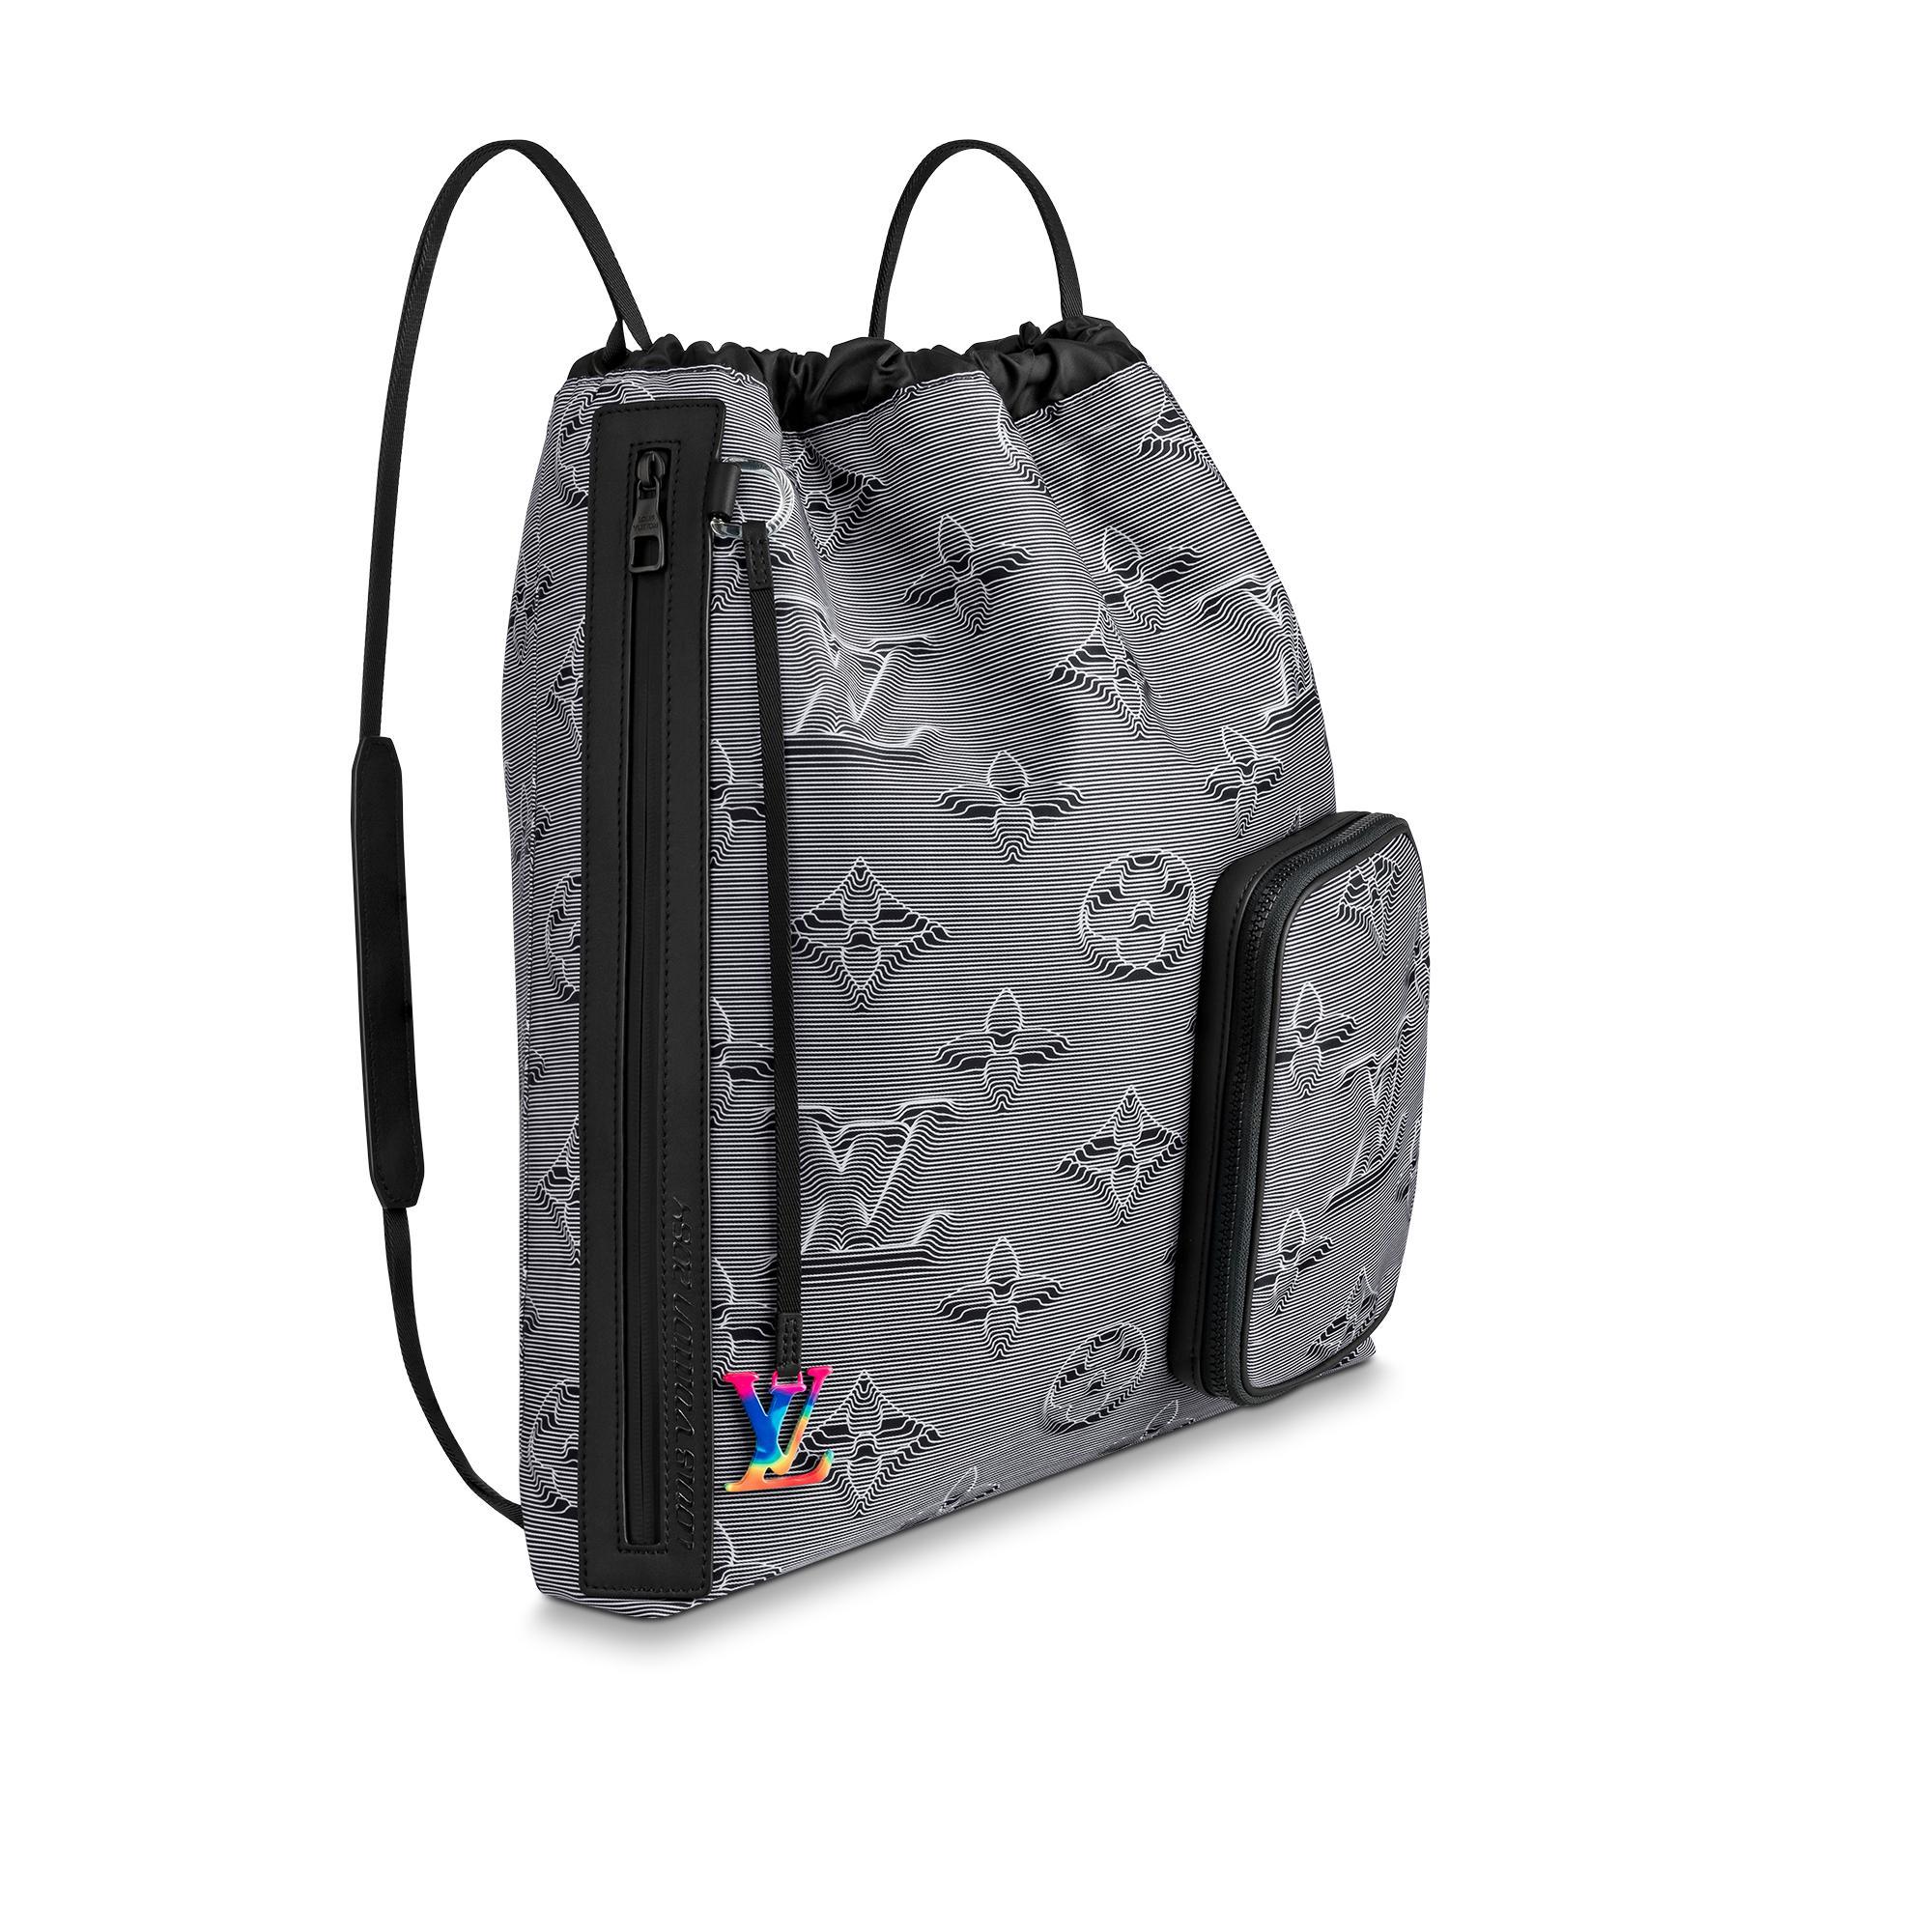 유럽직배송 루이비통 LOUIS VUITTON Drawstring Backpack M44940